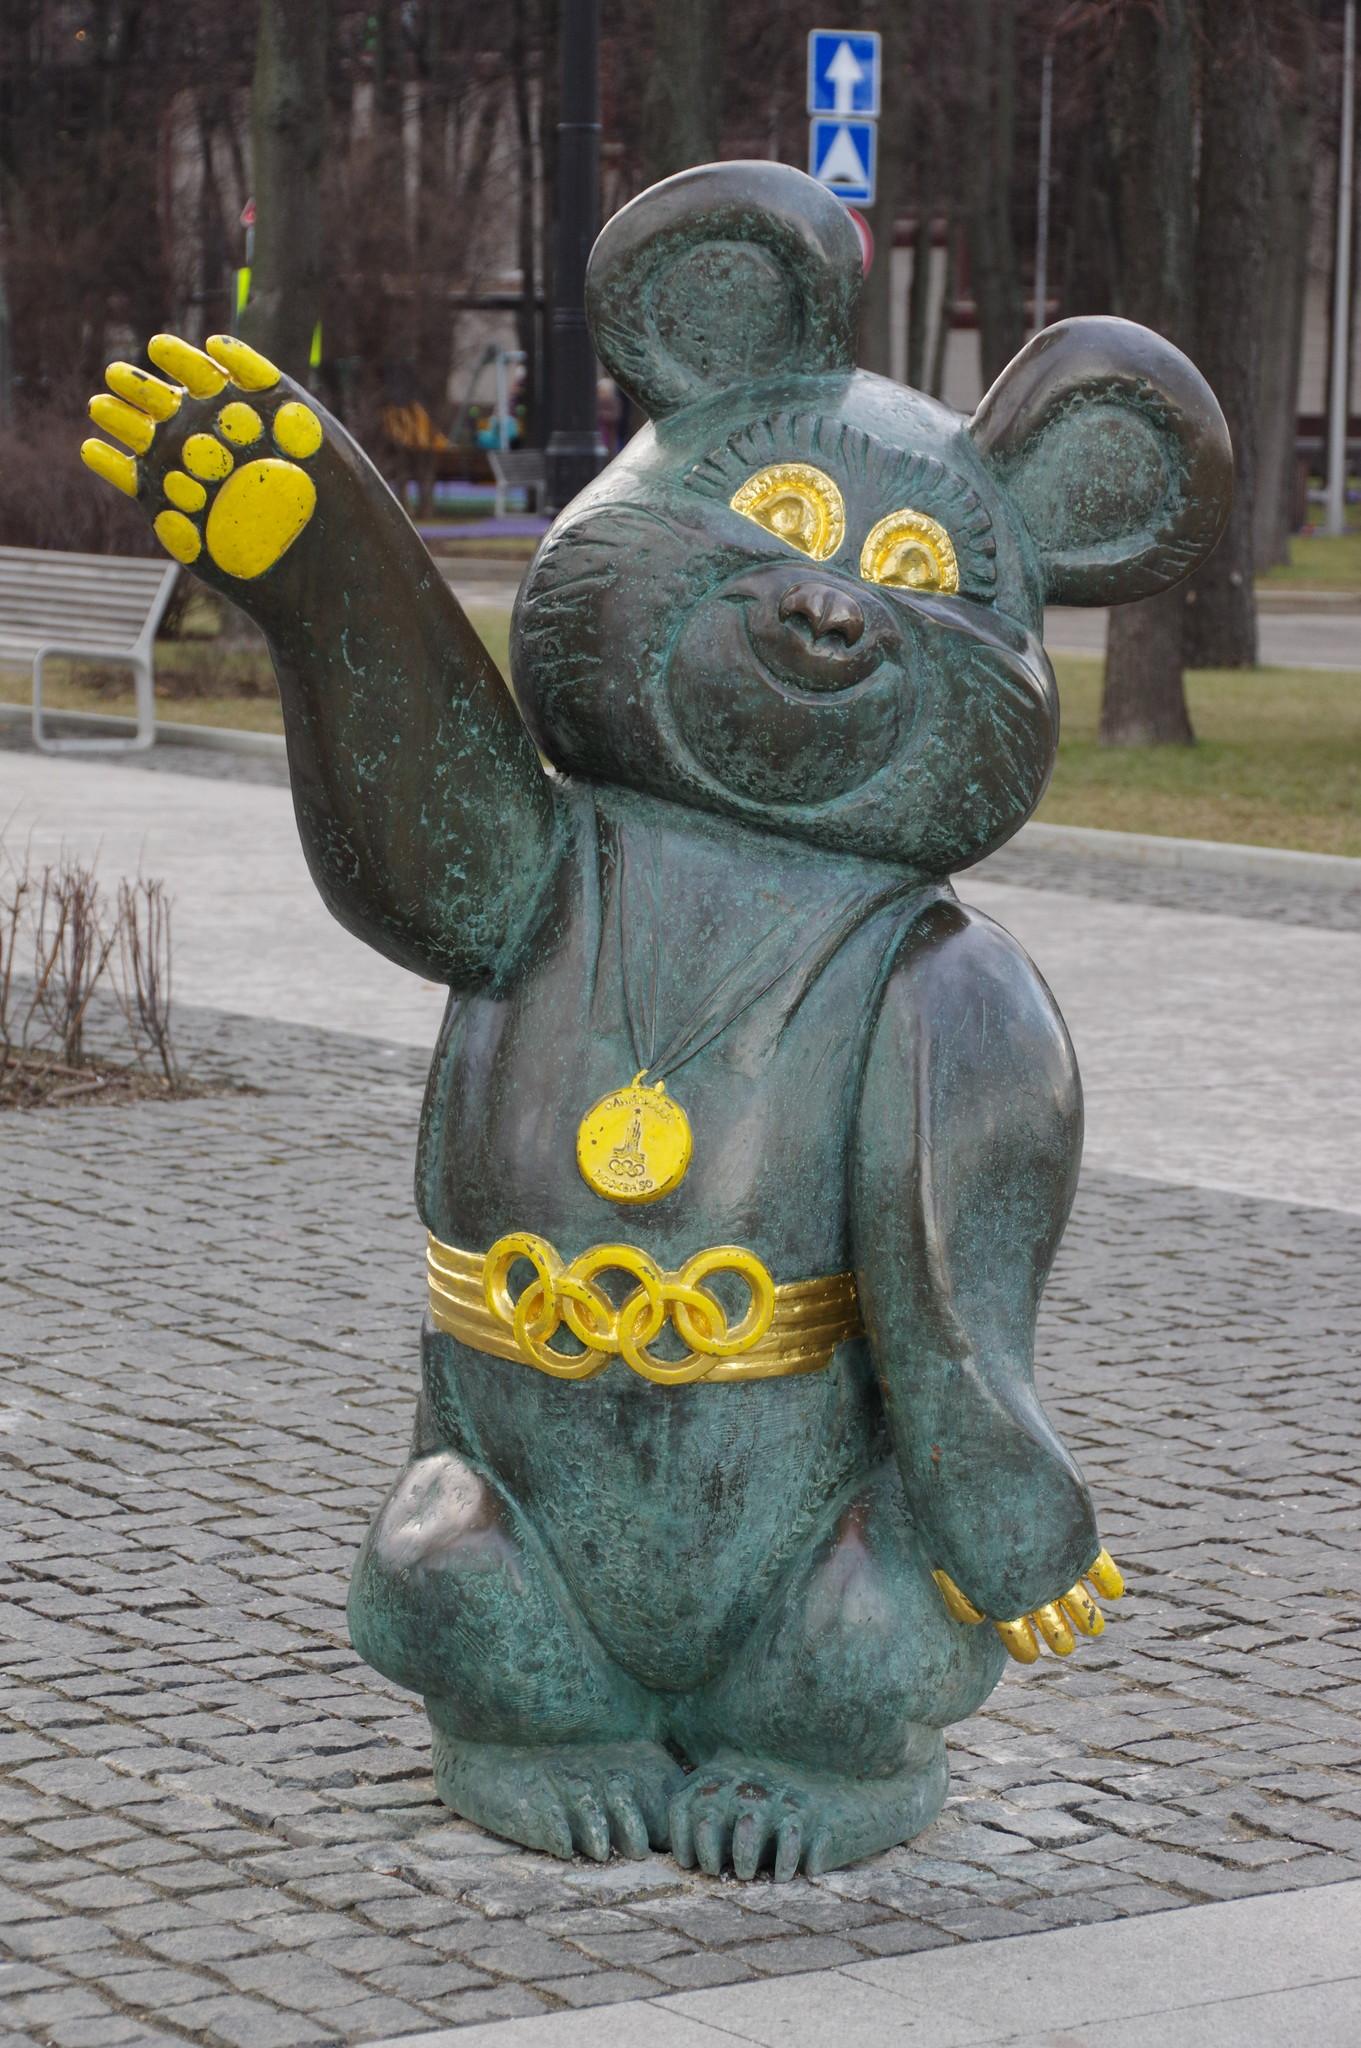 Памятник Олимпийскому Мишке рядом с Чашей Олимпийского огня на Аллее славы Олимпийского комплекса «Лужники»